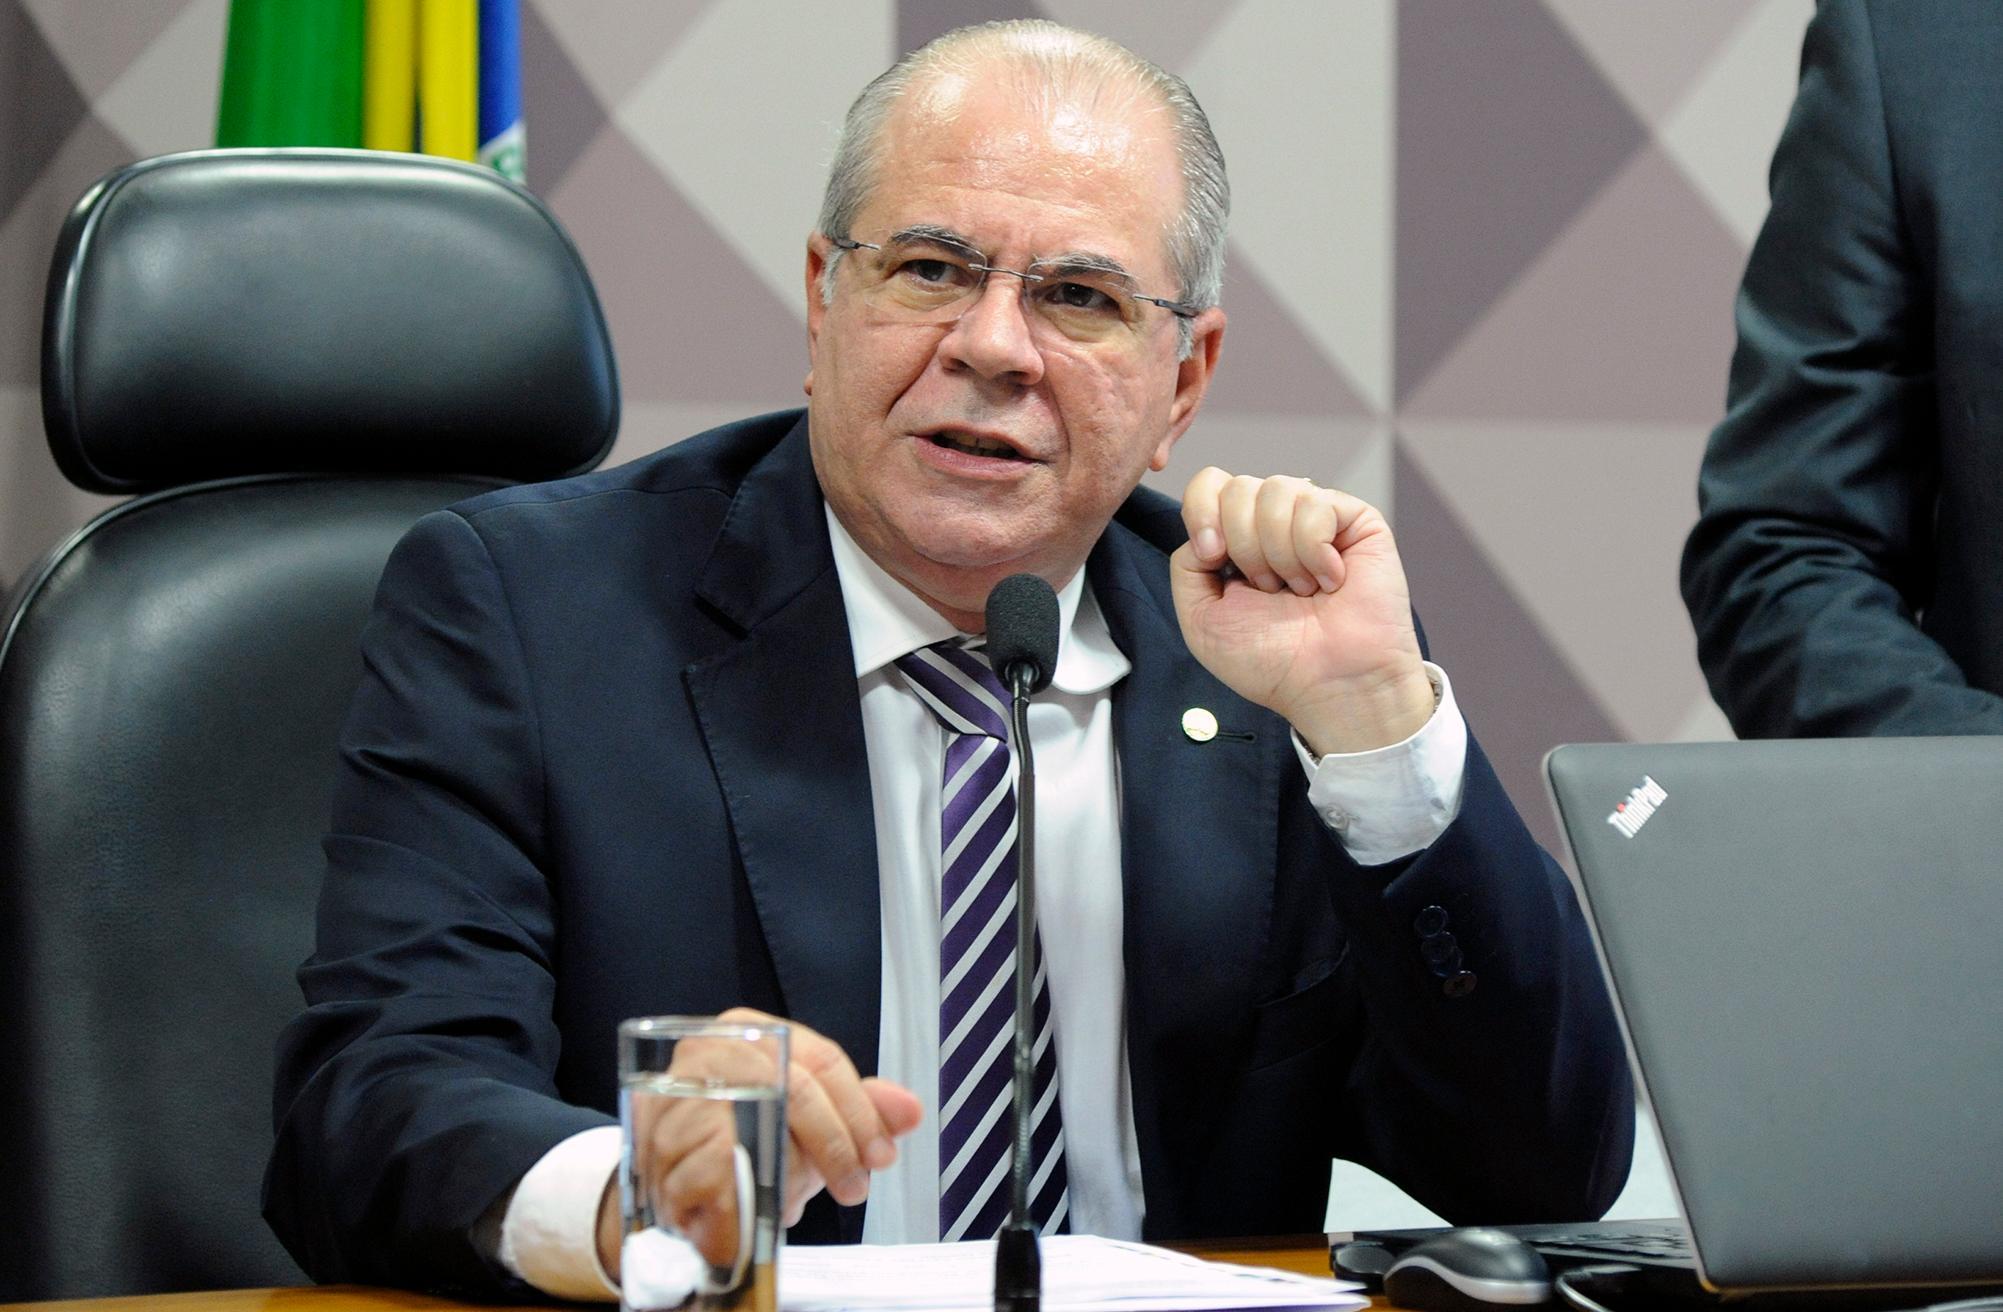 Instalação e Eleição de Presidente e de Vice-Presidente. Dep. Hildo Rocha (PMDB - MA)